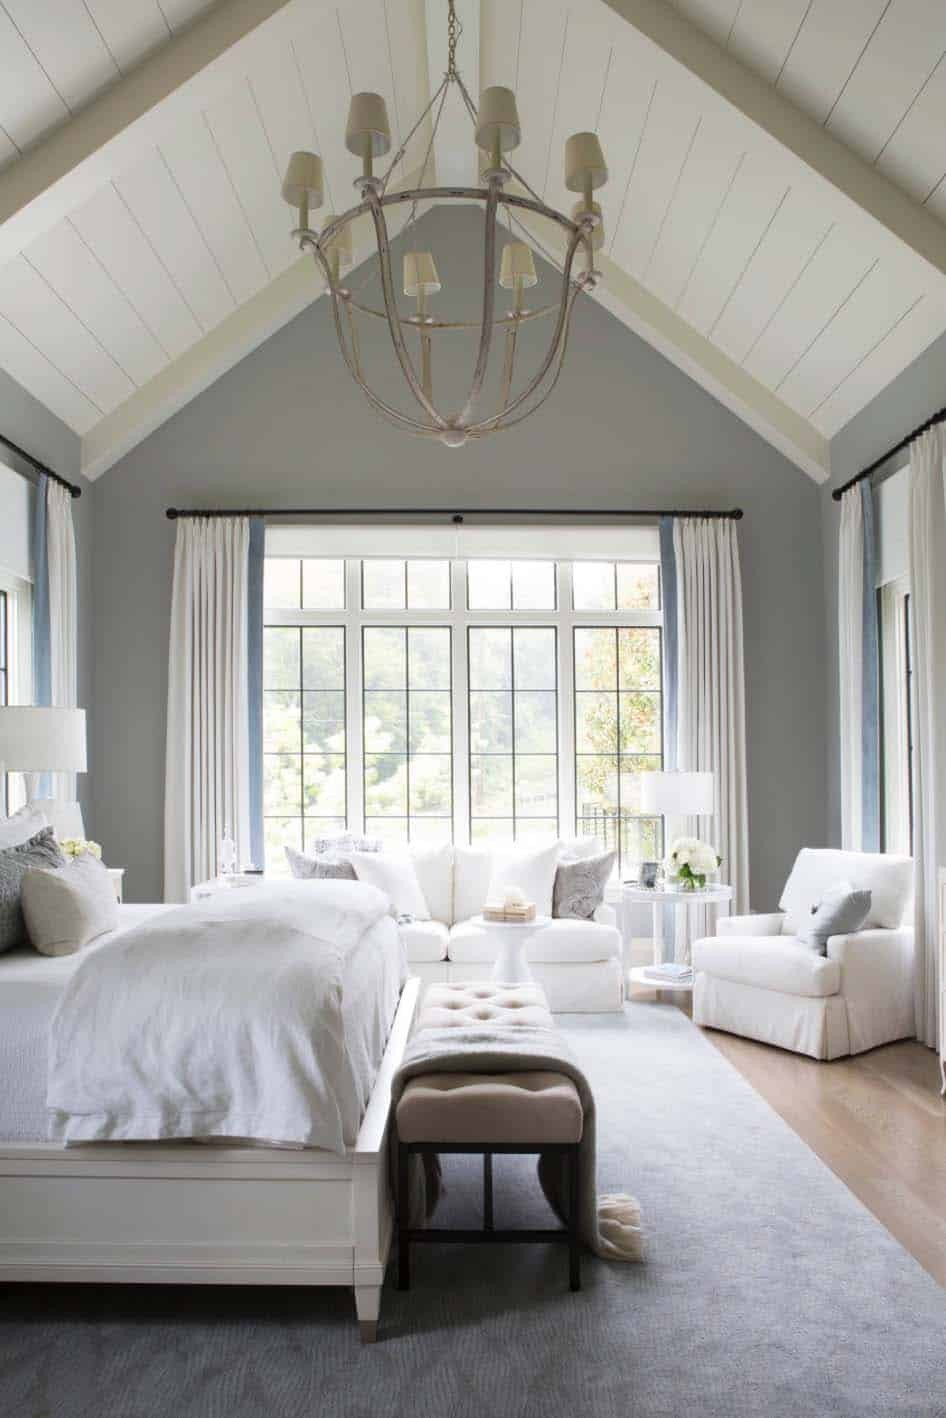 Decor Ideas for Master Bedrooms Unique 20 Serene and Elegant Master Bedroom Decorating Ideas